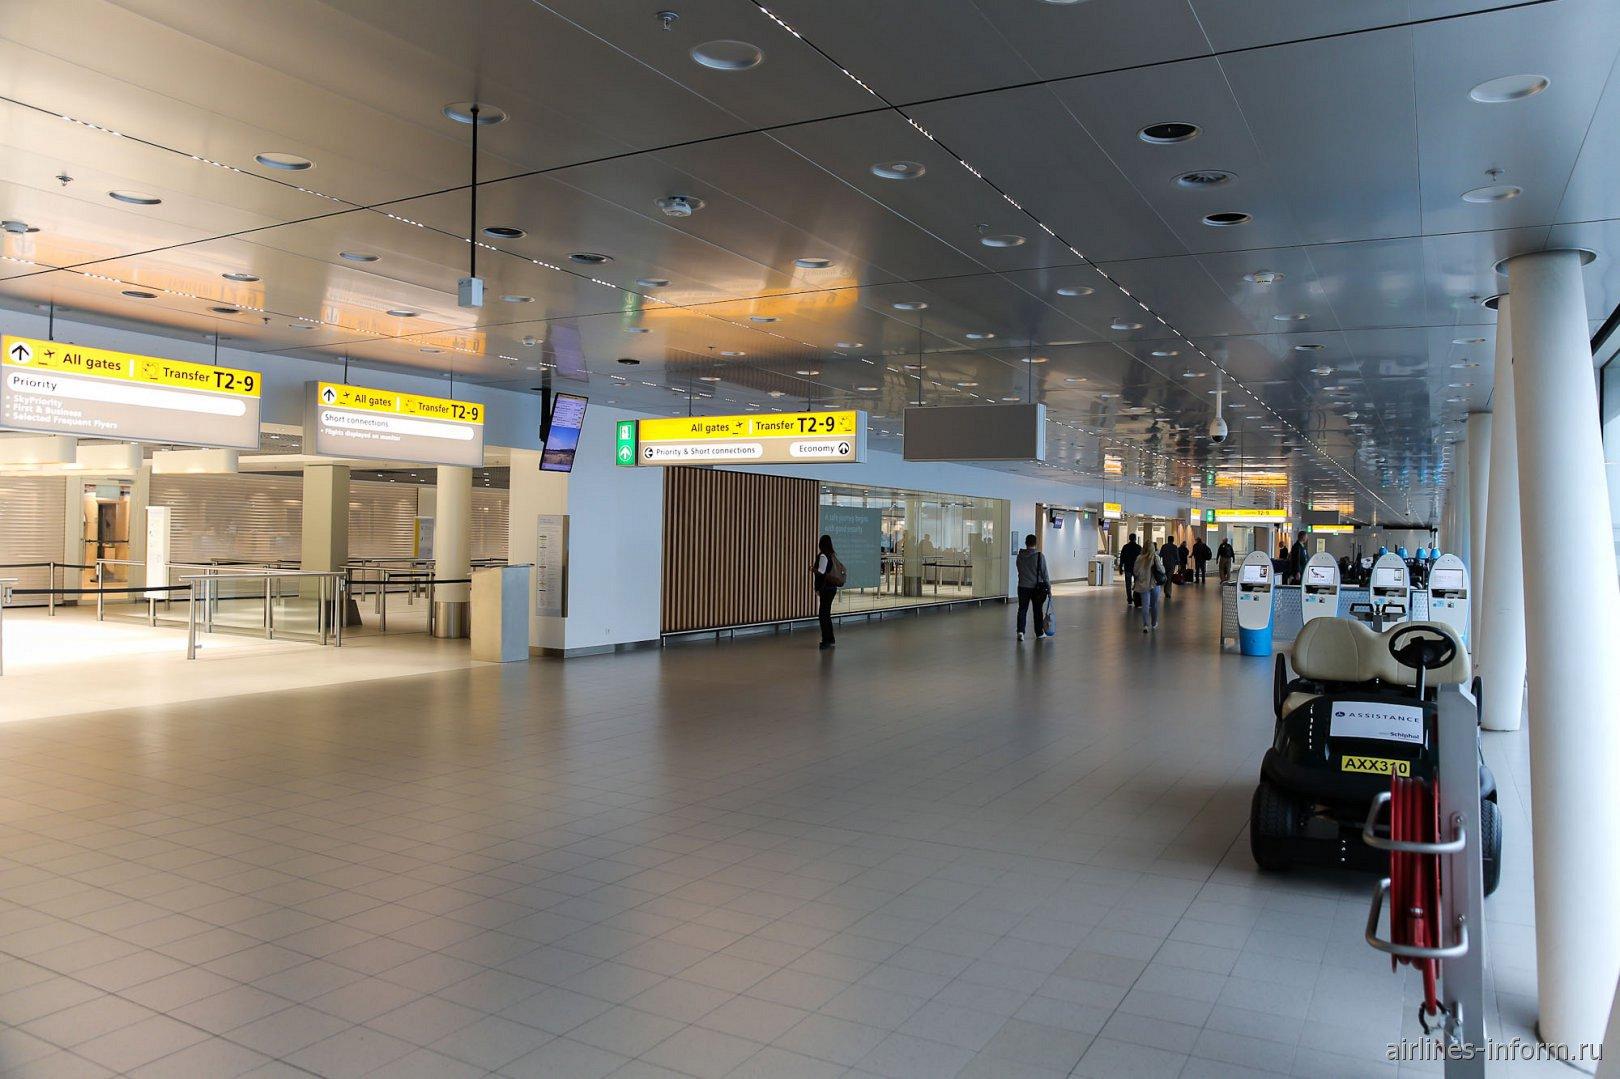 Переход в чистой зоне аэропорта Амстердам Схипхол